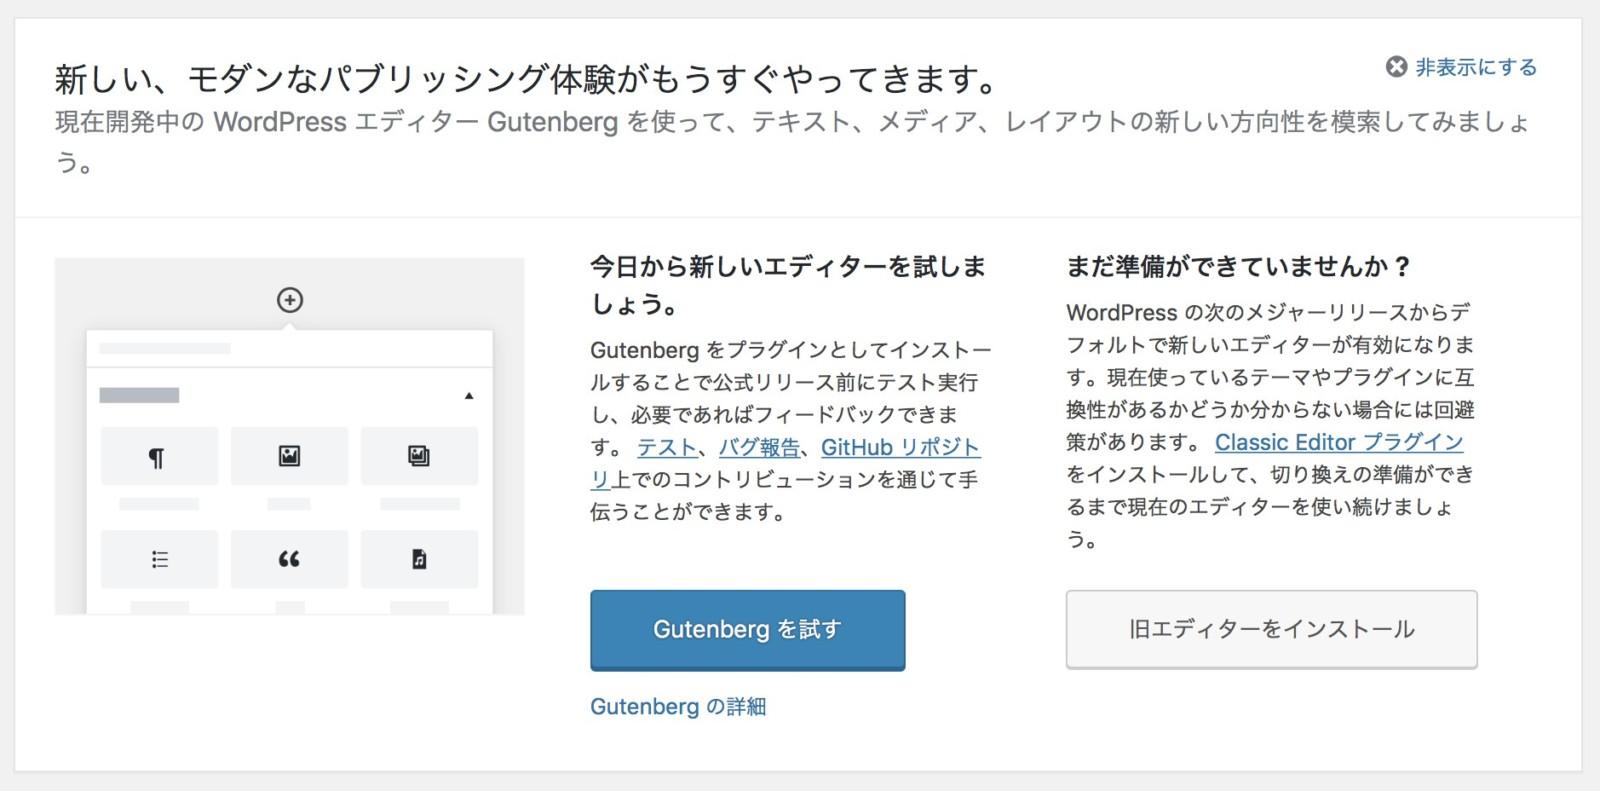 image-WordPress5.0から実装の新エディタ『Gutenberg』はペライチを覚えておくとスムーズ | WordPressを使ったホームページヒーリングソリューションズ